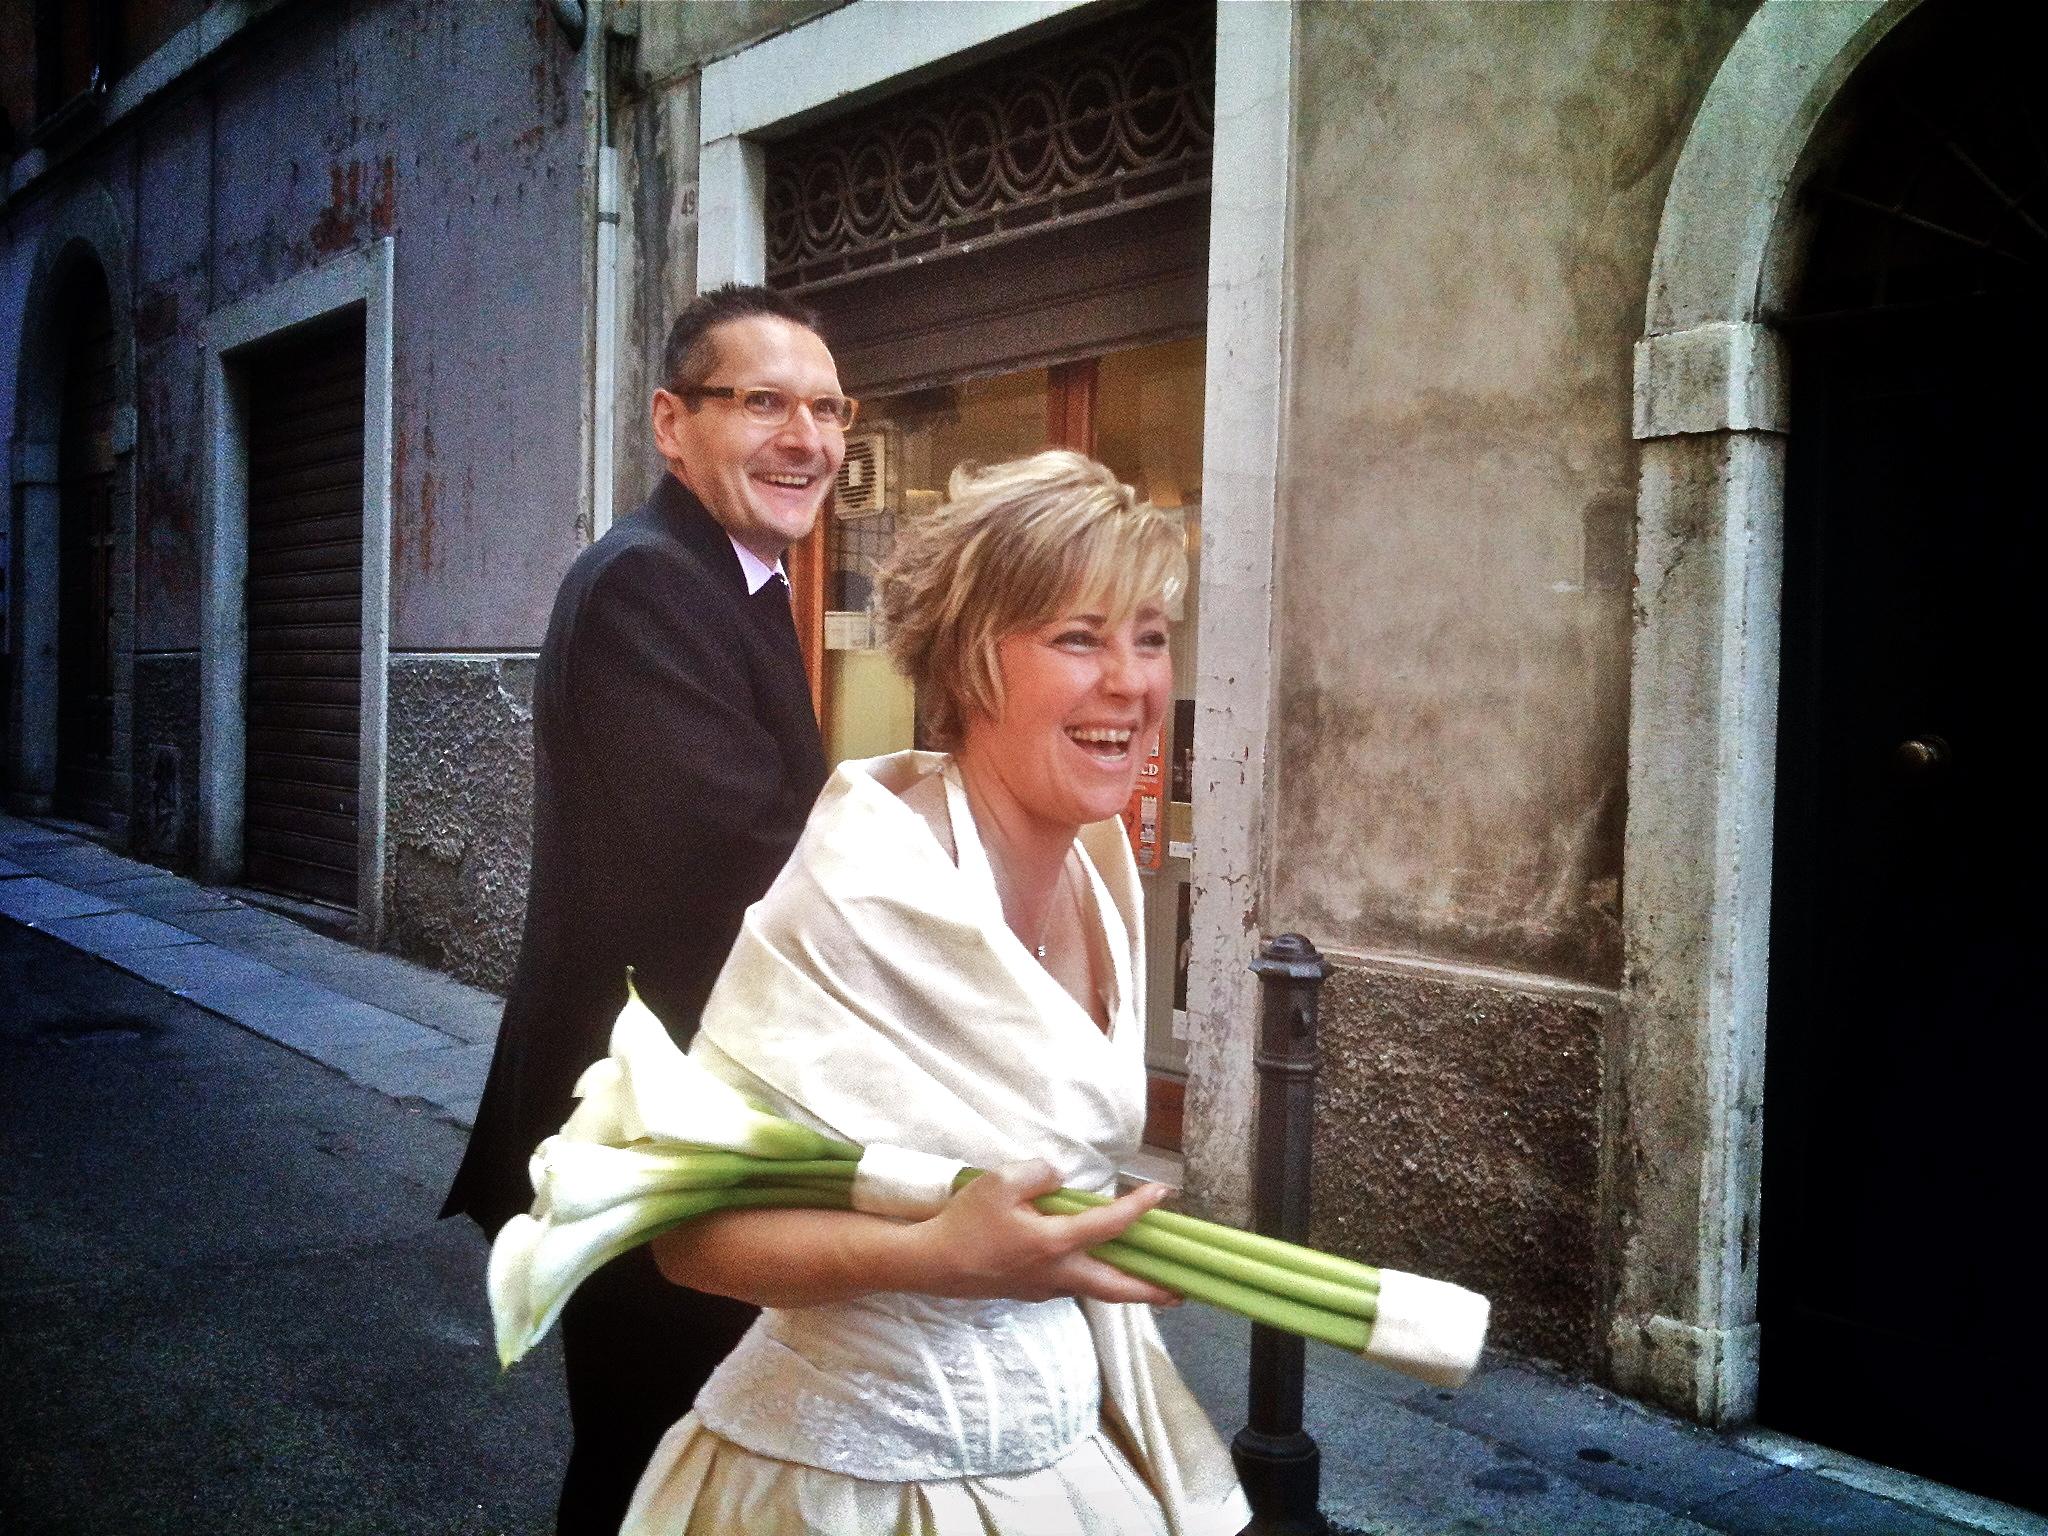 Vacanze Bresciane. Brescia, Aprile 2012